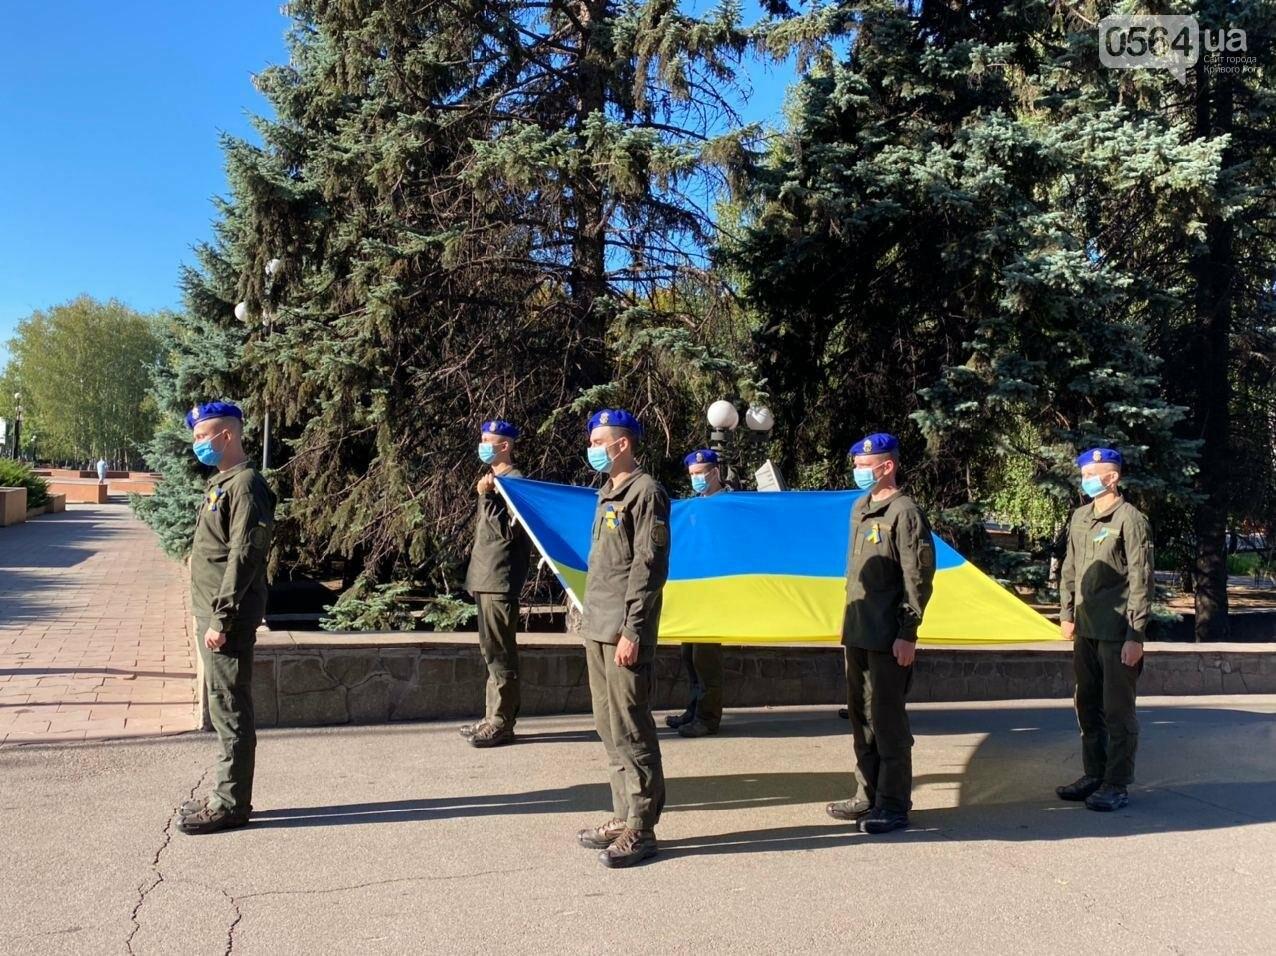 В Кривом Роге торжественно подняли Государственный Флаг Украины, - ФОТО, ВИДЕО, фото-2